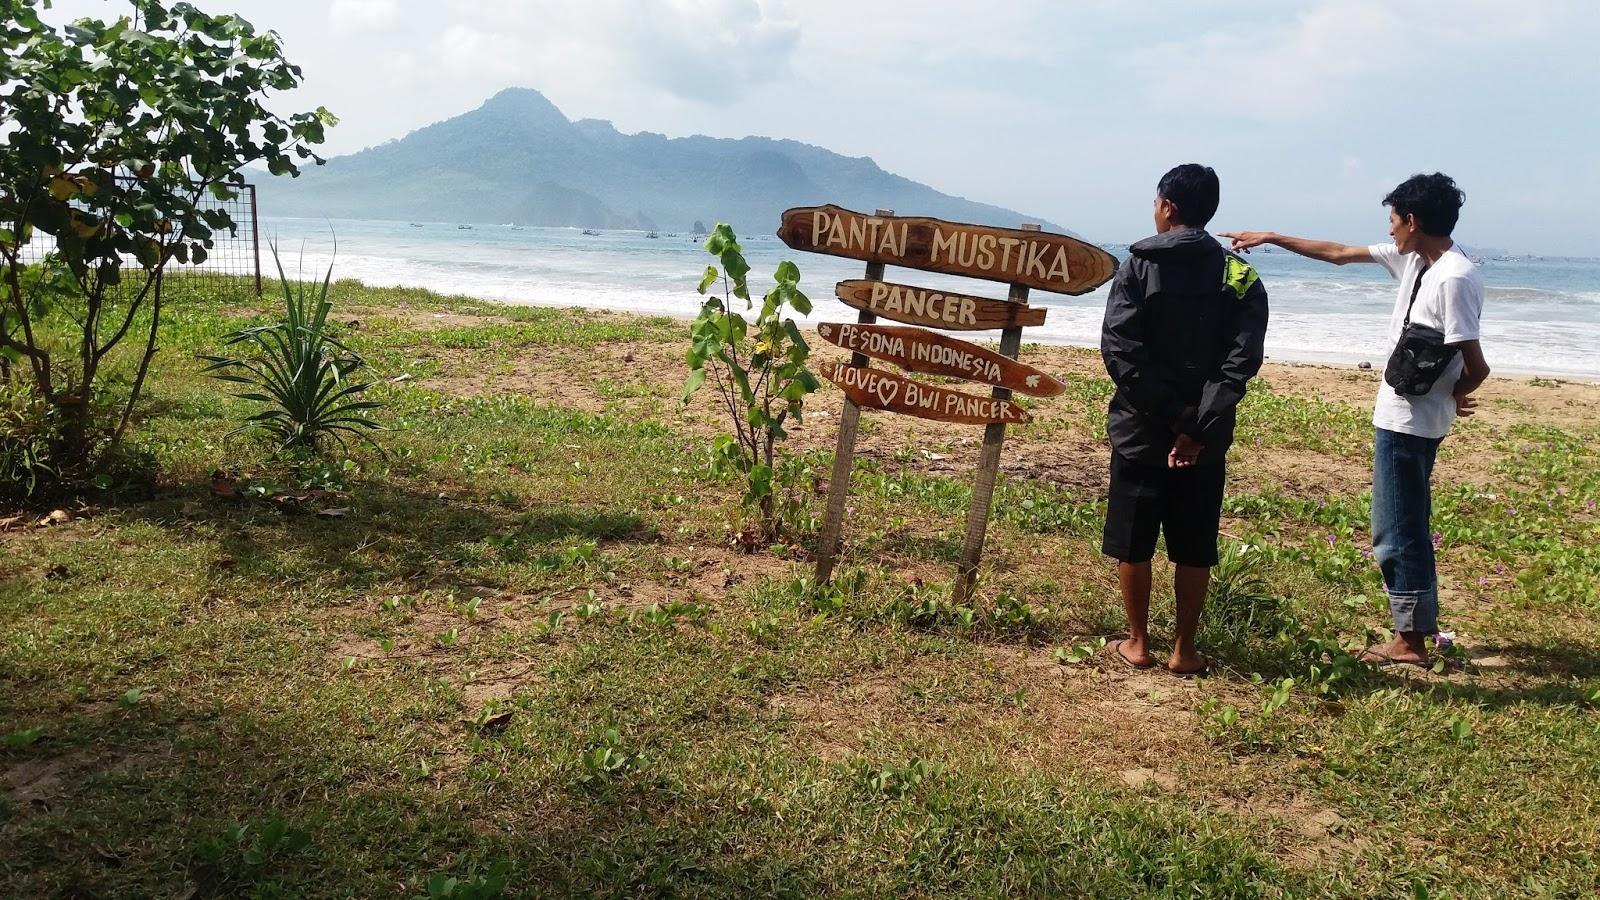 Pantai Mustika Banyuwangi Haya Zone Pancer Pesanggrahan Kab